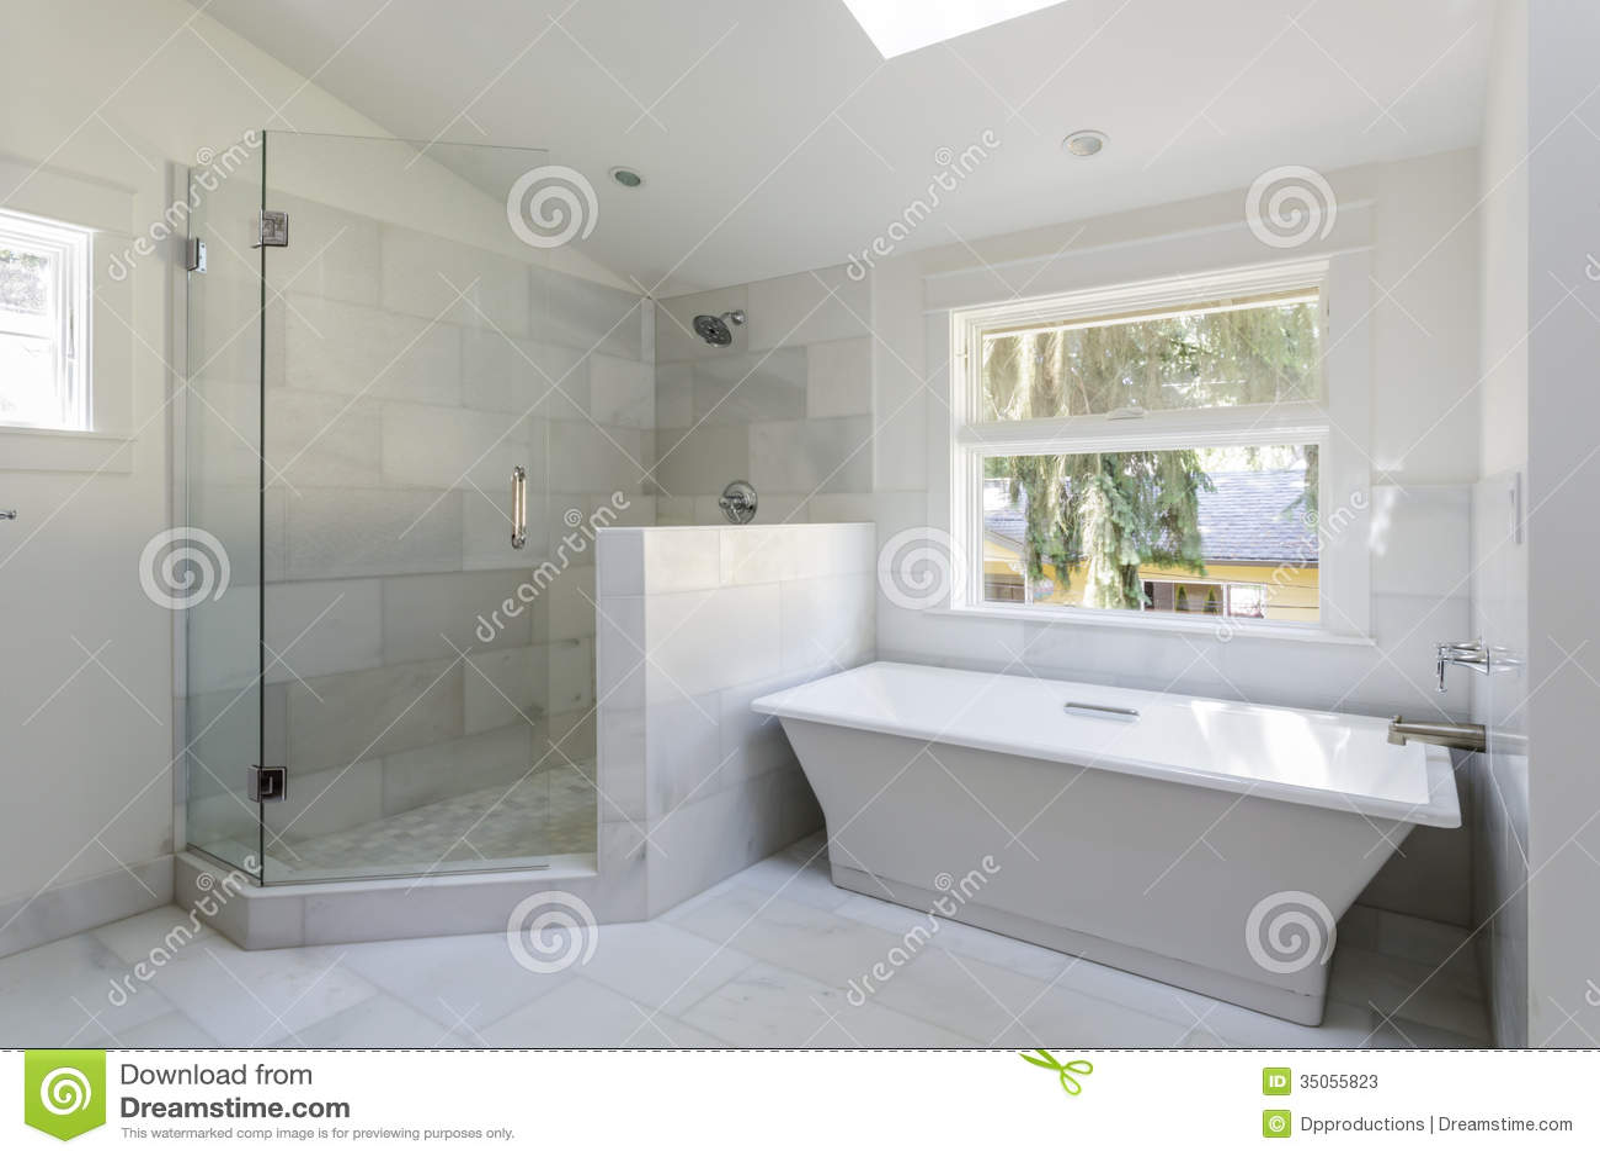 badezimmer mit badewanne und dusche jtleigh hausgestaltung - Moderne Badezimmer Mit Dusche Und2